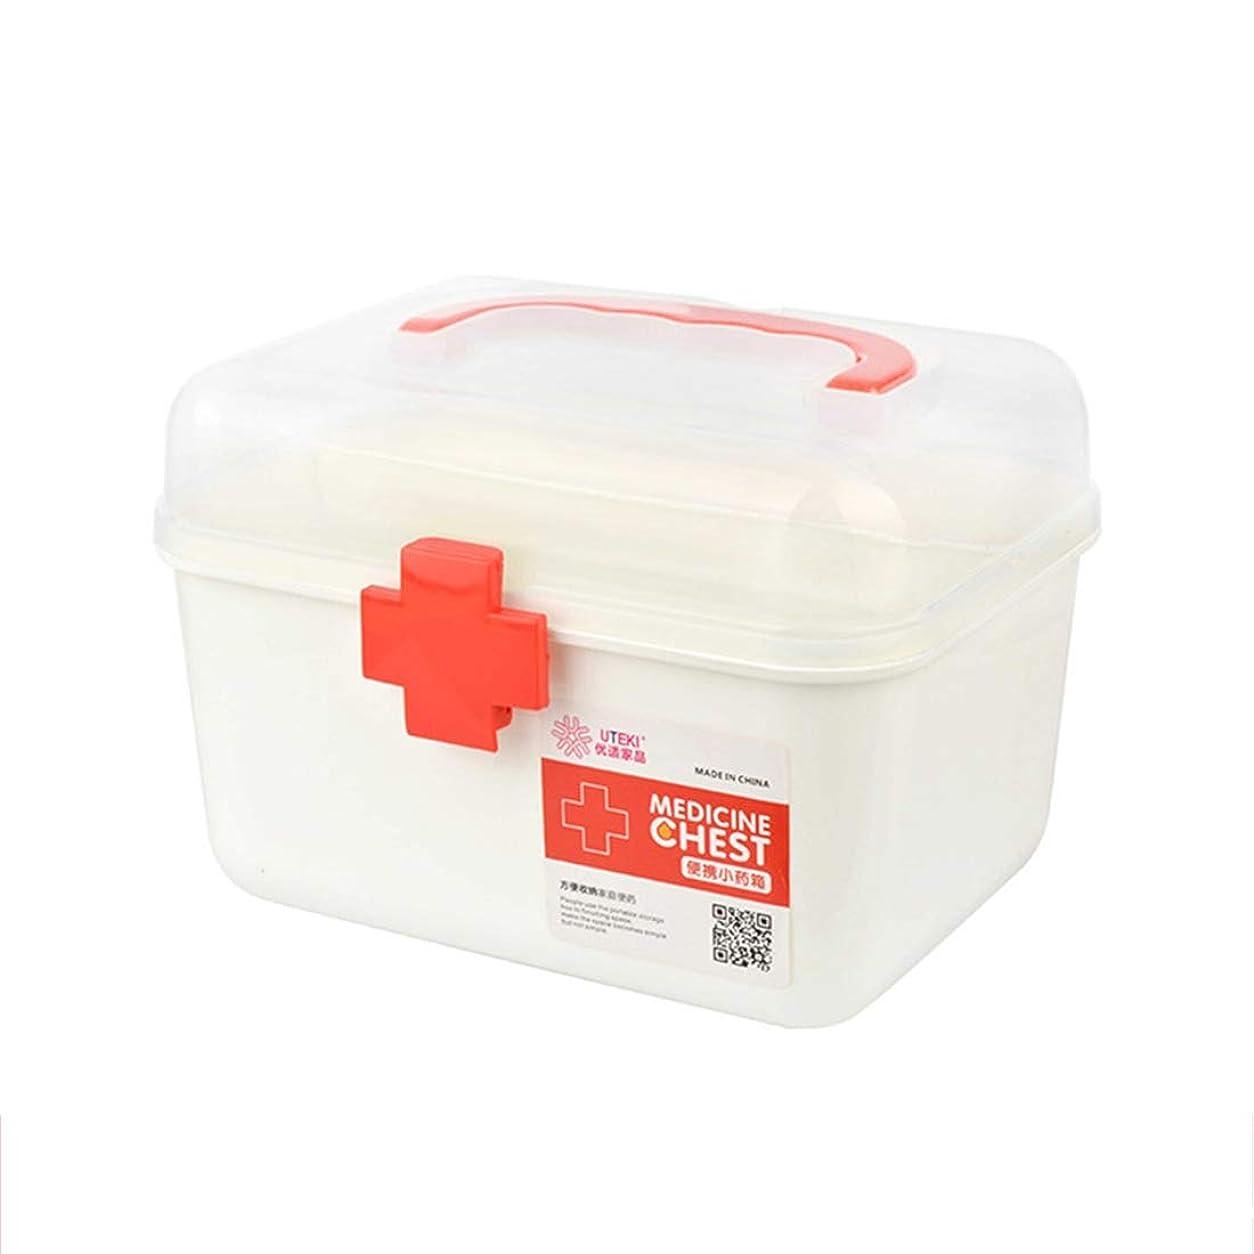 Wangjie 救急箱 応急処置 薬箱 救急ボックス 薬 くすり 収納 収納ボックス 大容量 収納箱 救急 応急手当 薬入れ 小物入れ 多機能 家庭用